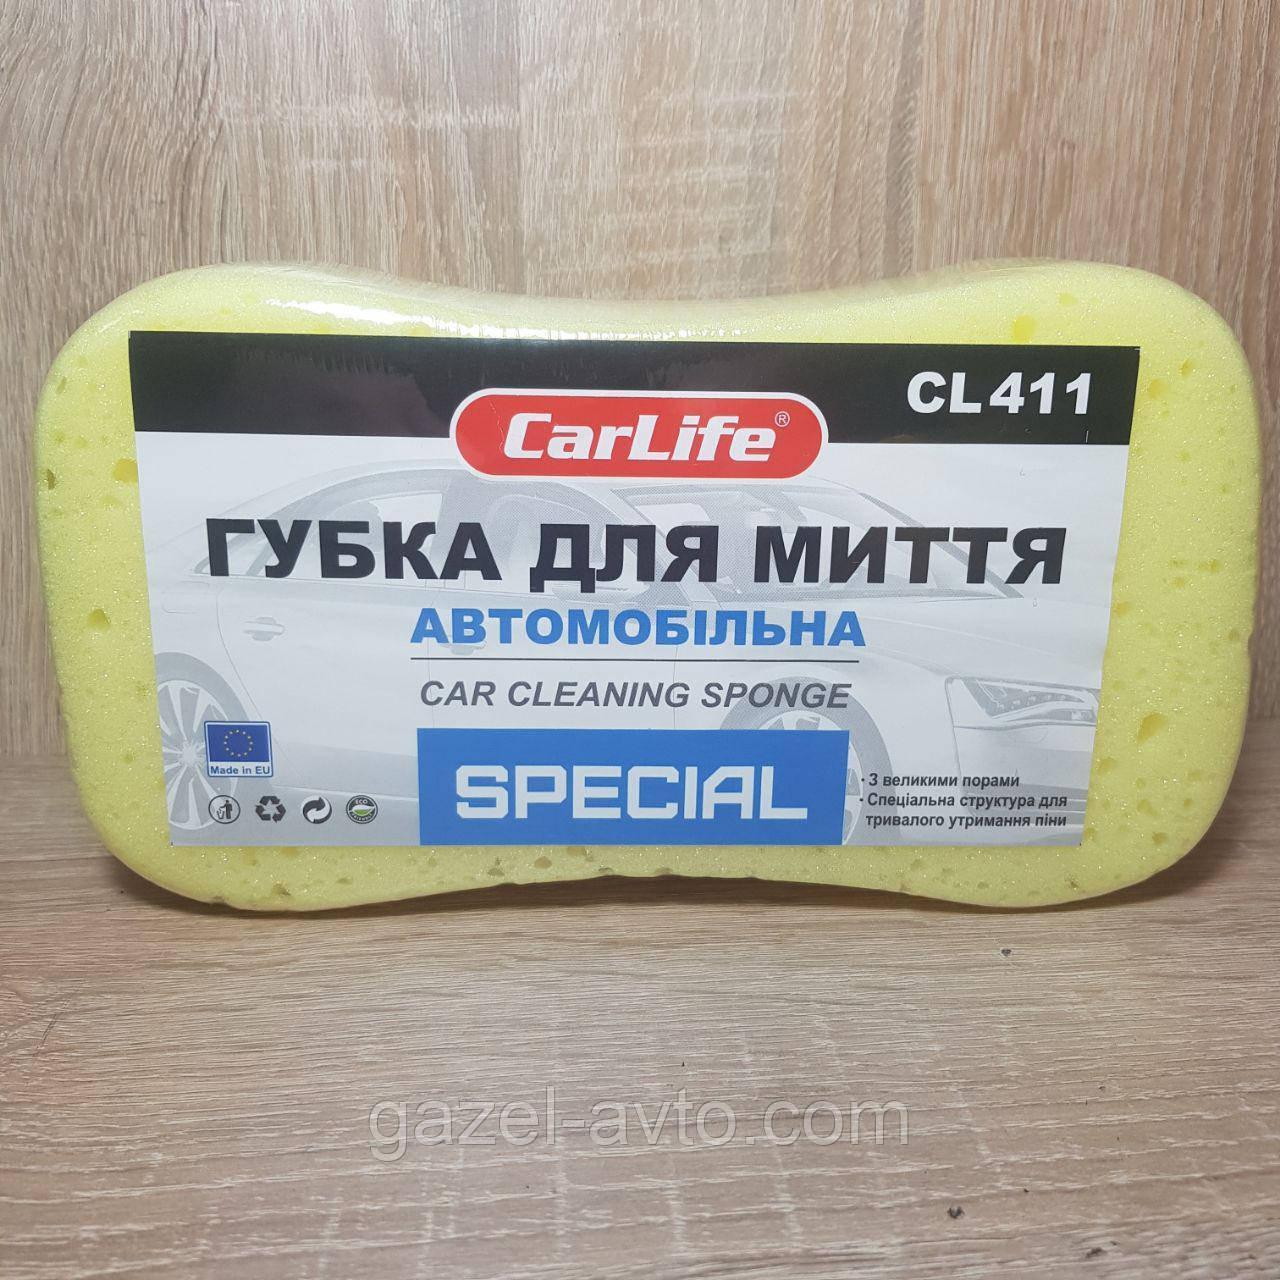 Автогубка (губка для мытья автомобиля) SPECIAL